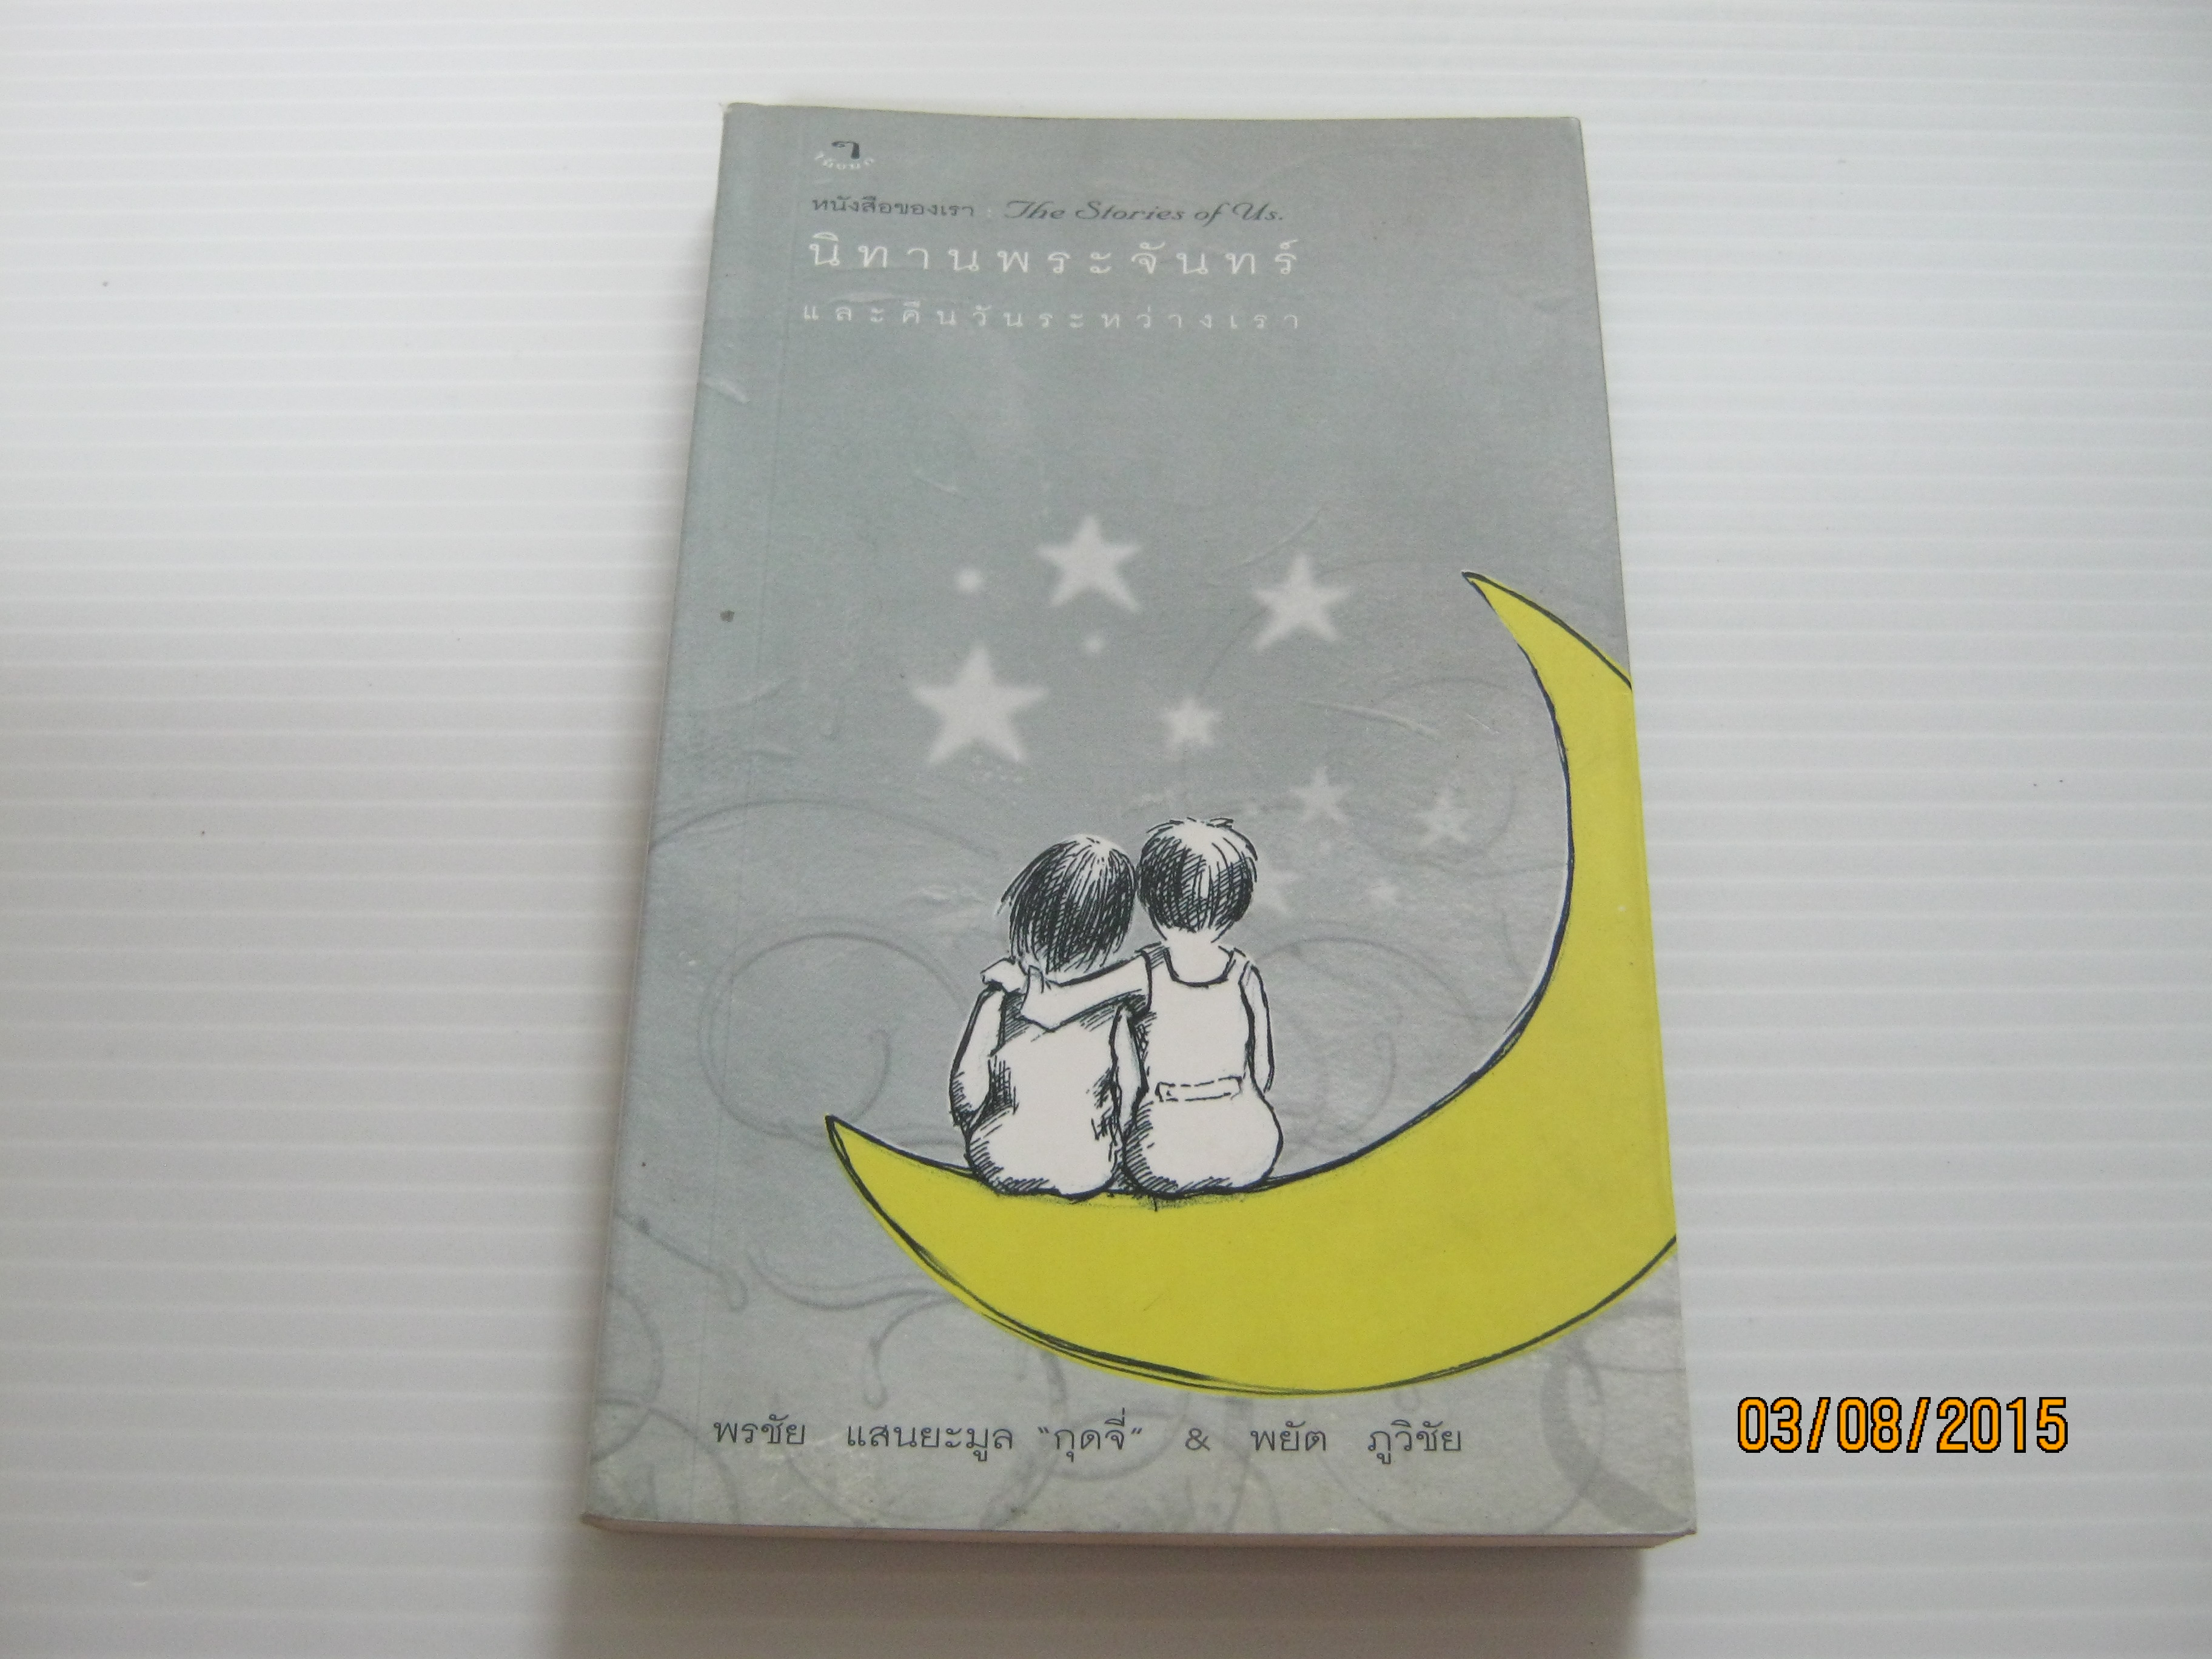 """นิทานพระจ้นทร์ และคืนวันระหว่างเรา พรชัย แสนยะมูล """"กุดจี่"""" & พยัต ภูวิชัย เขียน"""